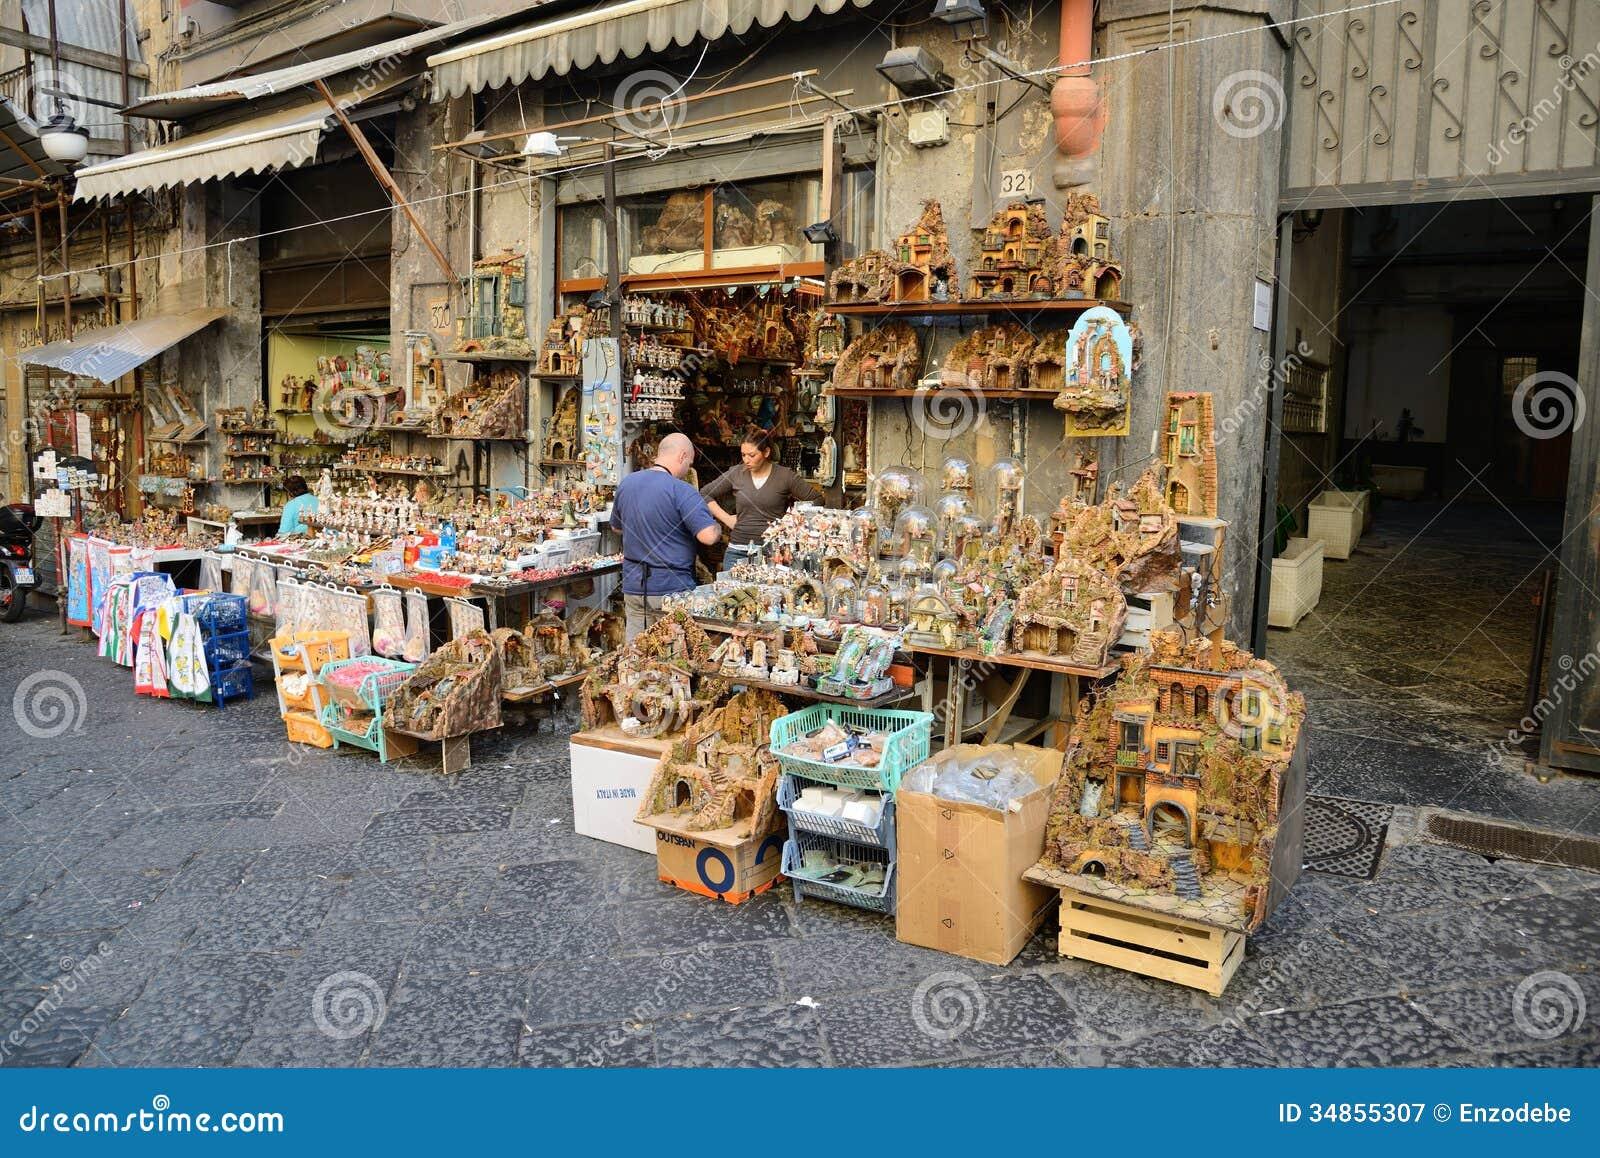 San Gregorio Armeno In Naples Italy Editorial Photography